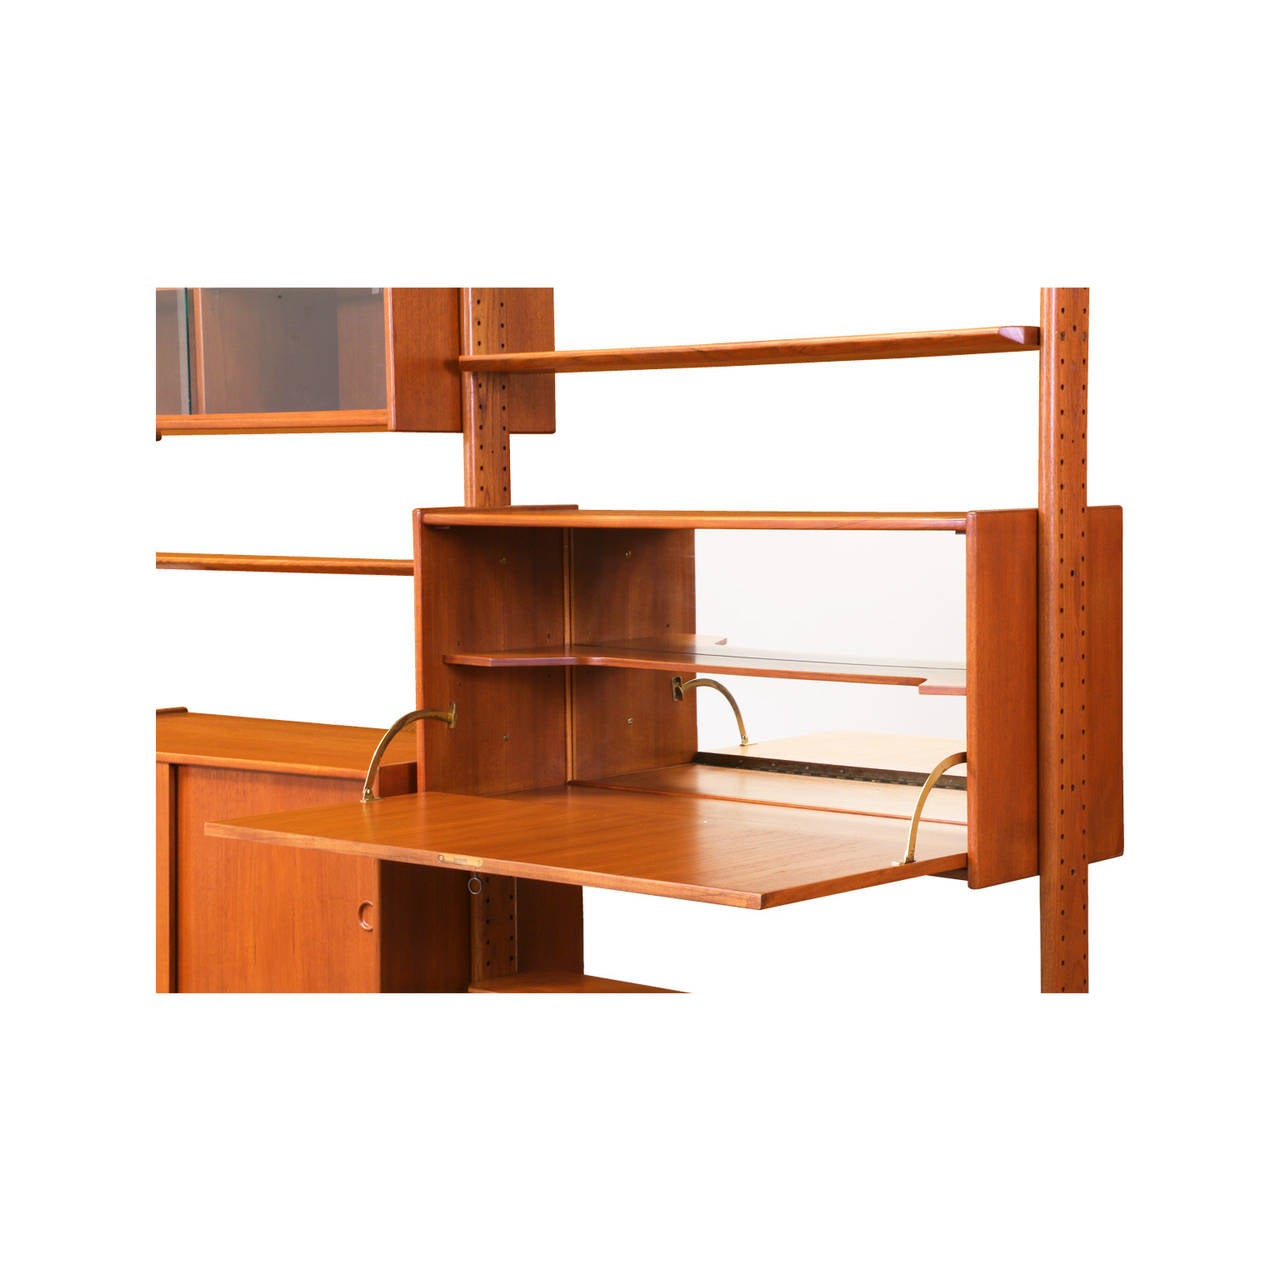 Free standing bookshelf 28 images fresh bookcase room for Ikea free standing bookshelves